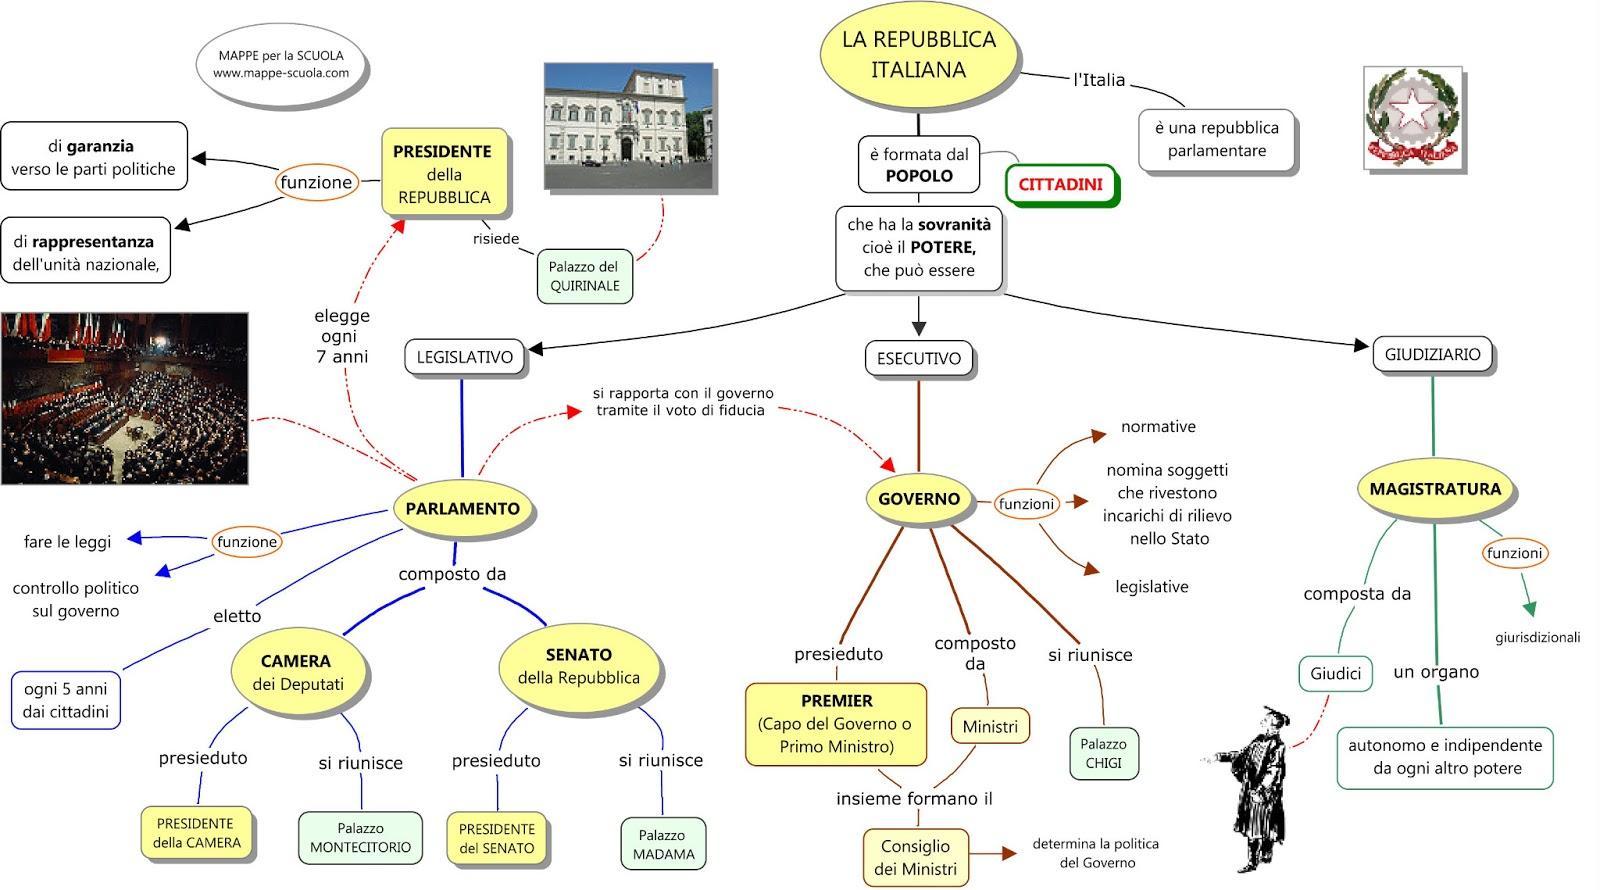 Mappe per la scuola la repubblica italiana for Composizione del parlamento italiano oggi